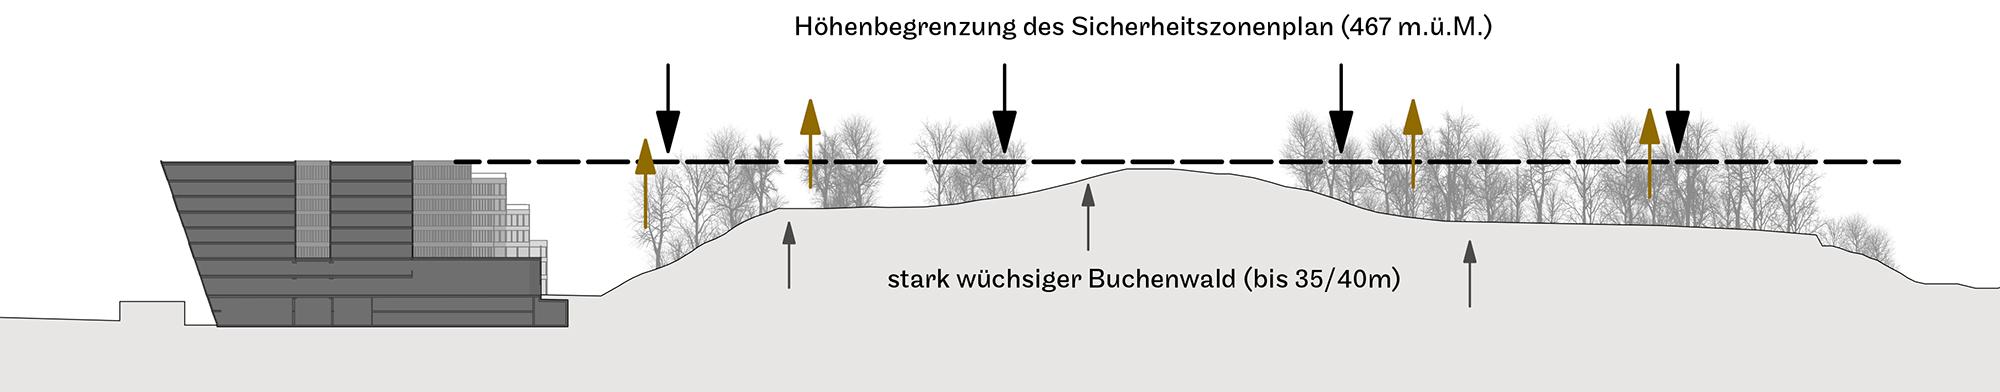 butzenbuel_hoehenbegrenzung.jpg